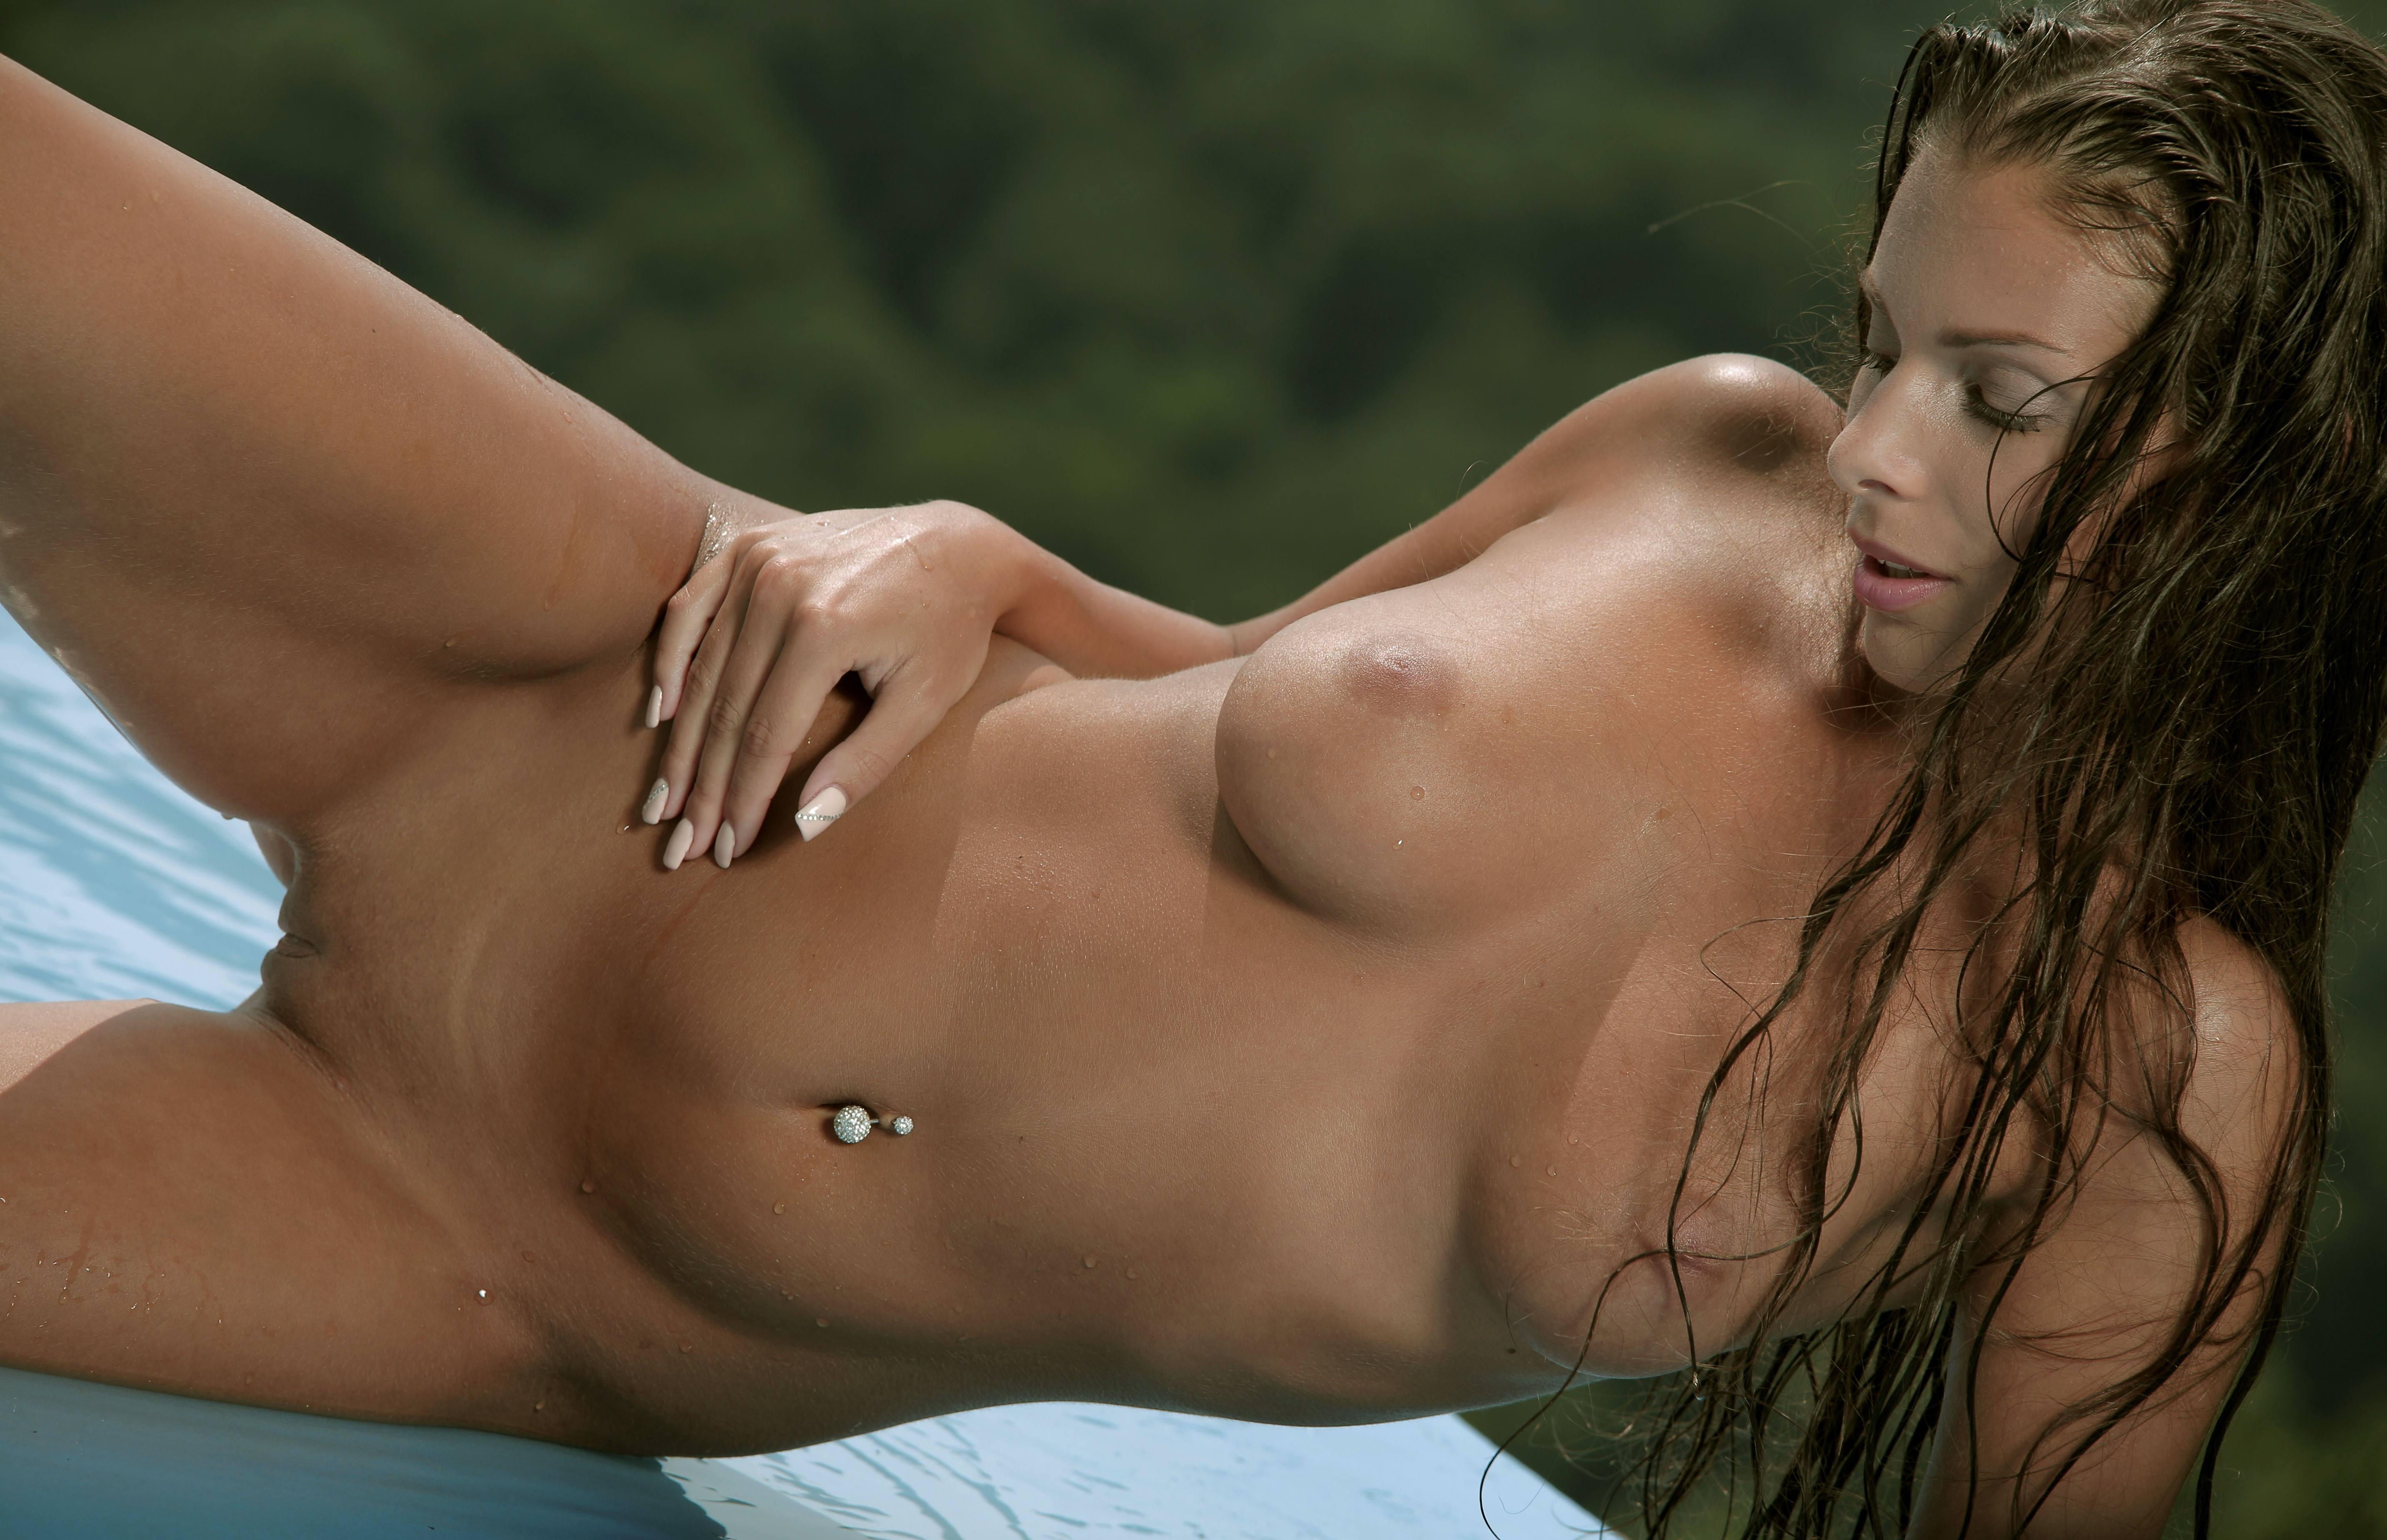 Фото Голая загорелая девушка возбужденно извивается на мокром матрасе, пирсинг в пупке, бритая мокрая киска между ног, скачать картинку бесплатно